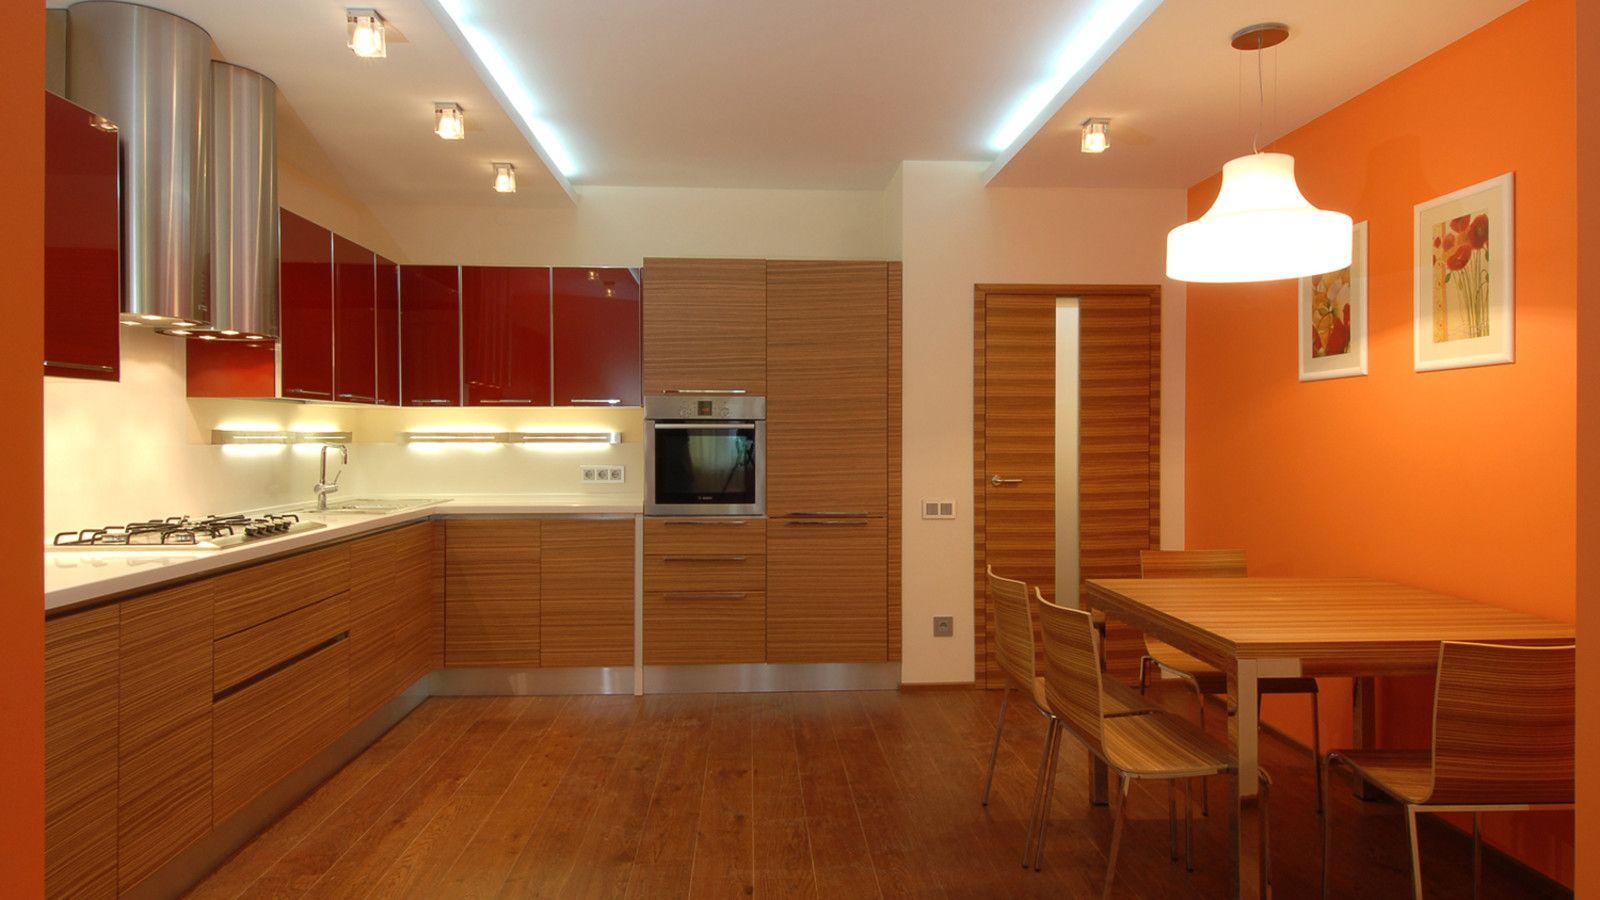 colores para decorar cocinas pequeñas - Buscar con Google ...